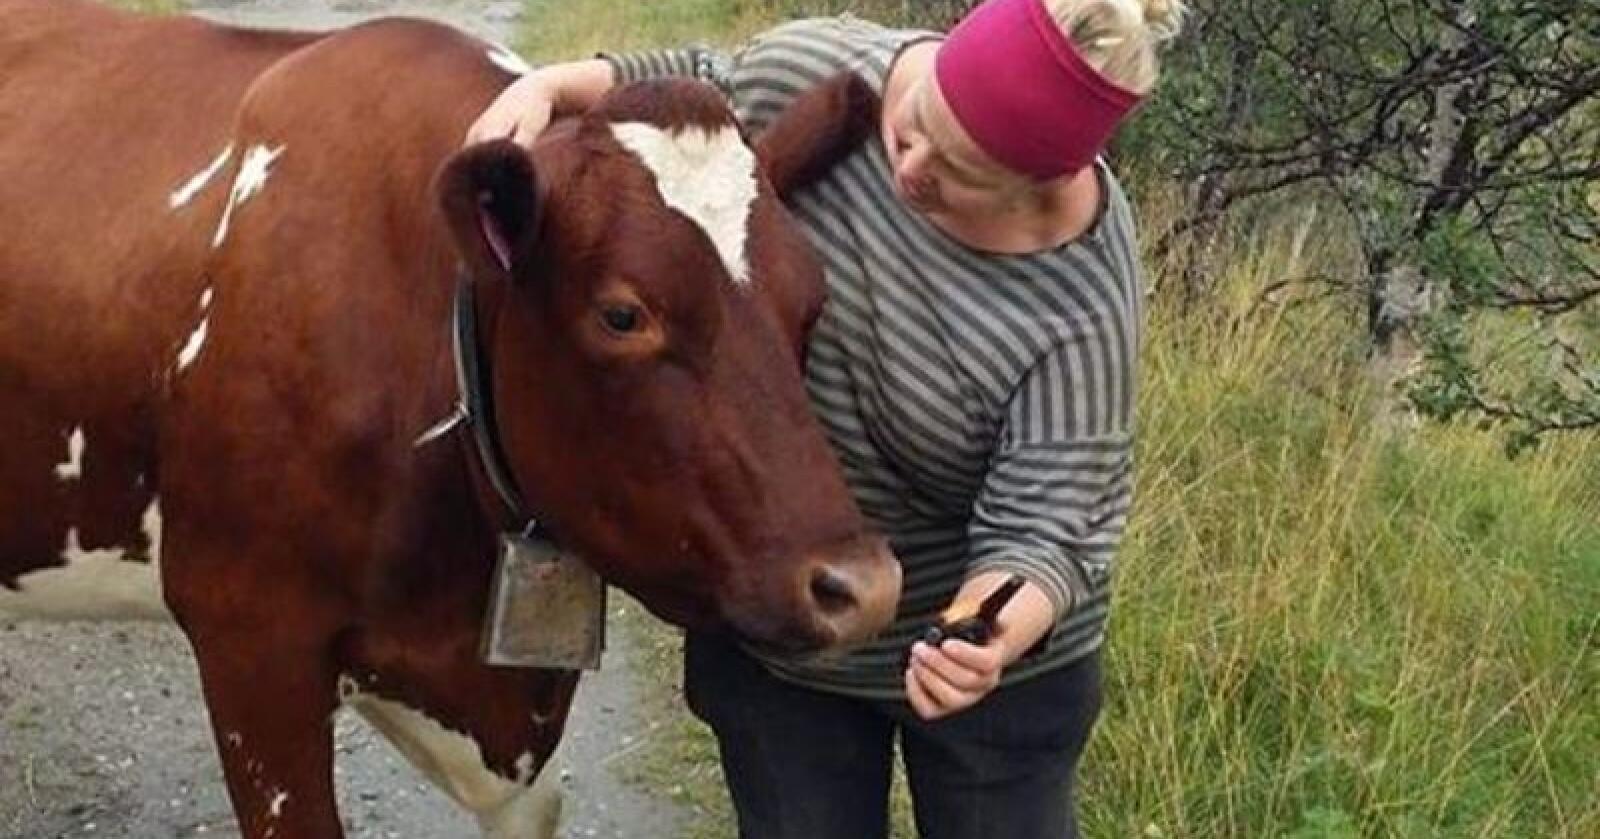 Tøft valg: I mange måneder orket ikke Kari Marit snakke om at hun skulle avvikle melkeproduksjonen, fordi tårene kom. Nå har hun tro på et godt liv som ammekuprodusent. Foto: Privat